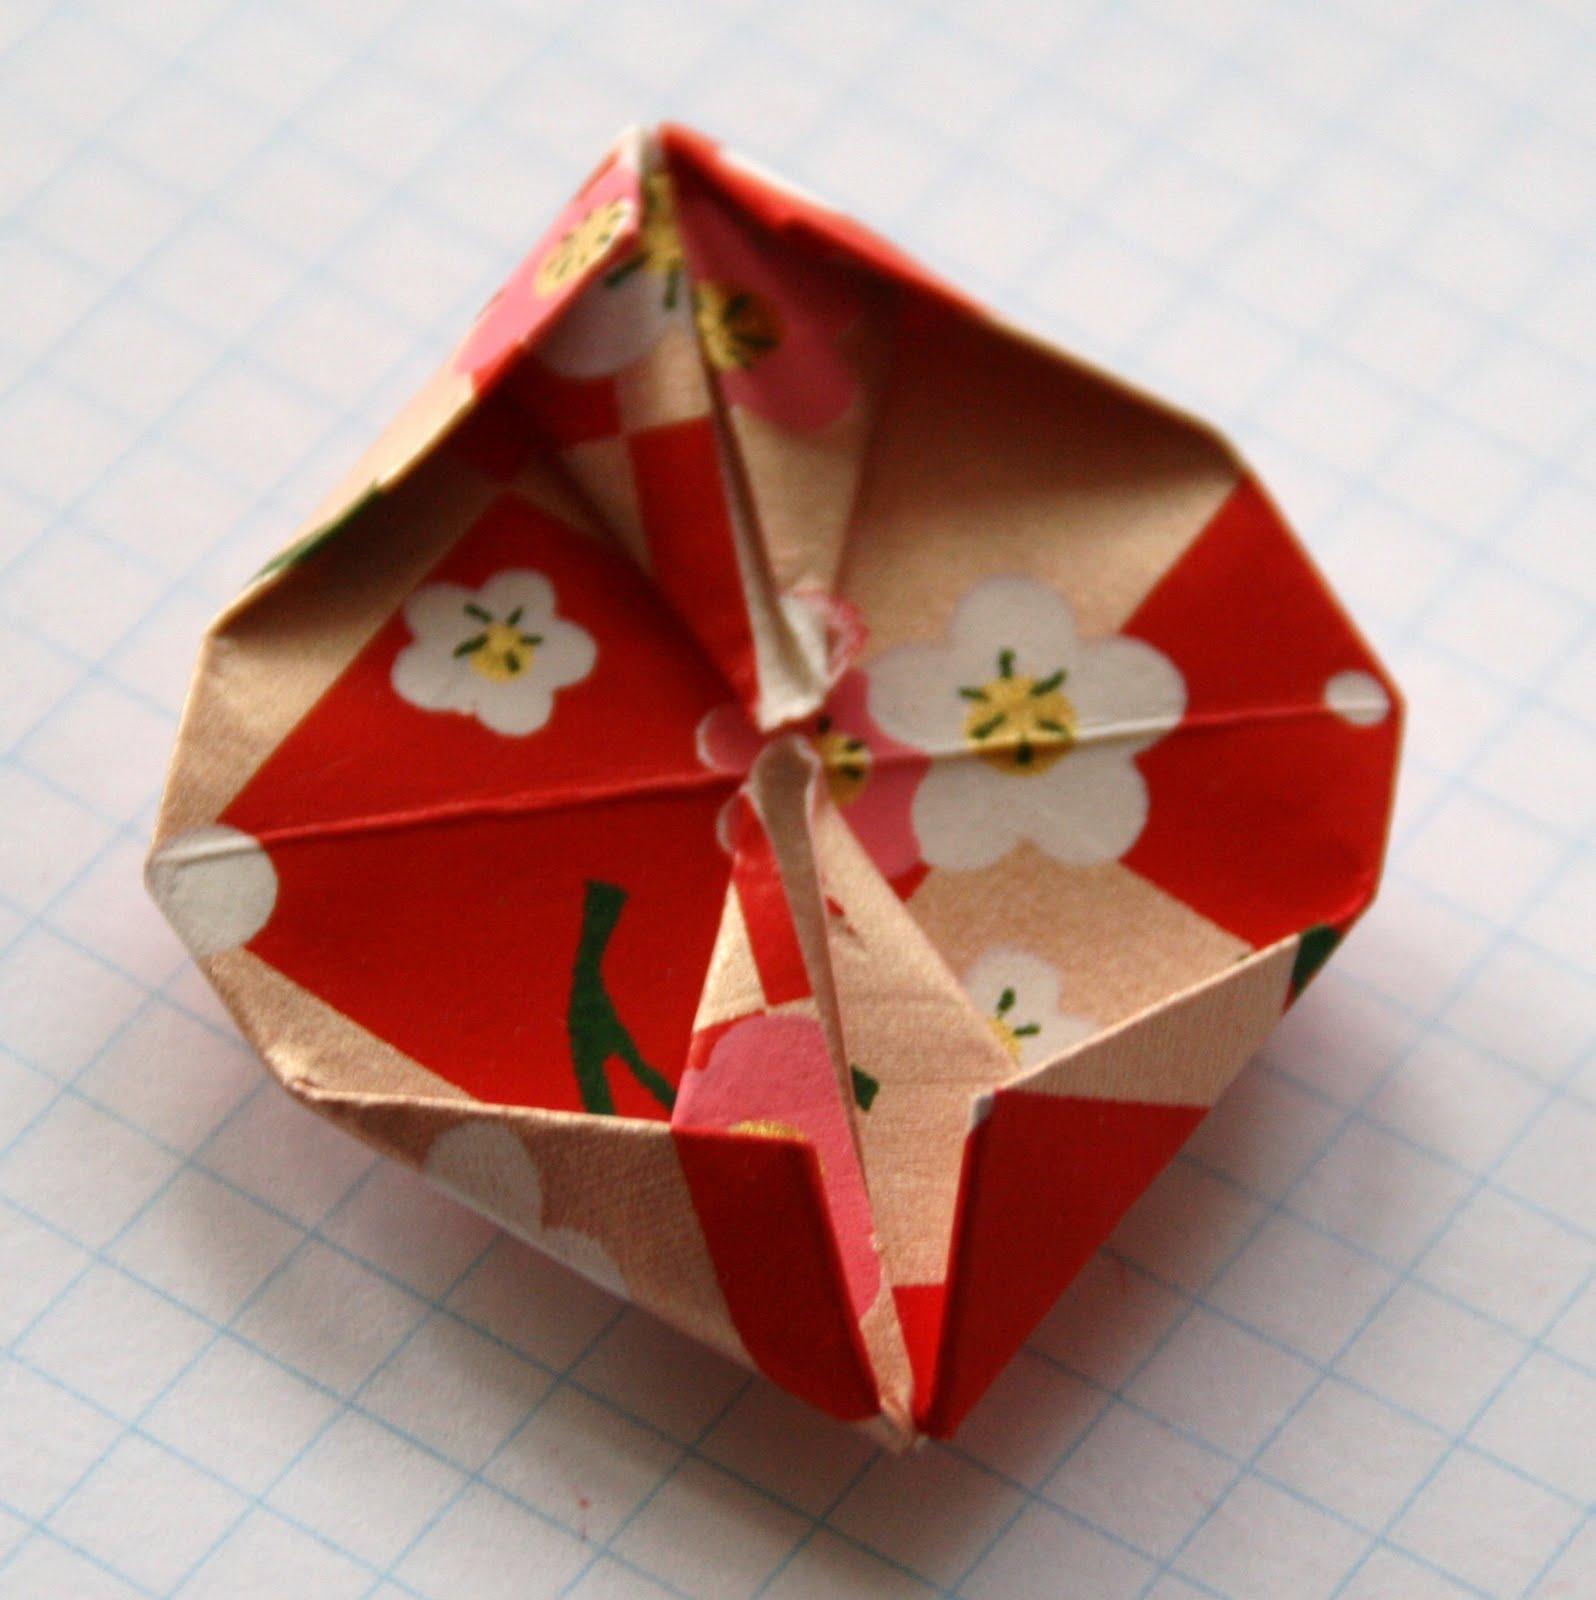 vervlogendagentutorials: Origami Valentine Garland Tutorial - photo#43